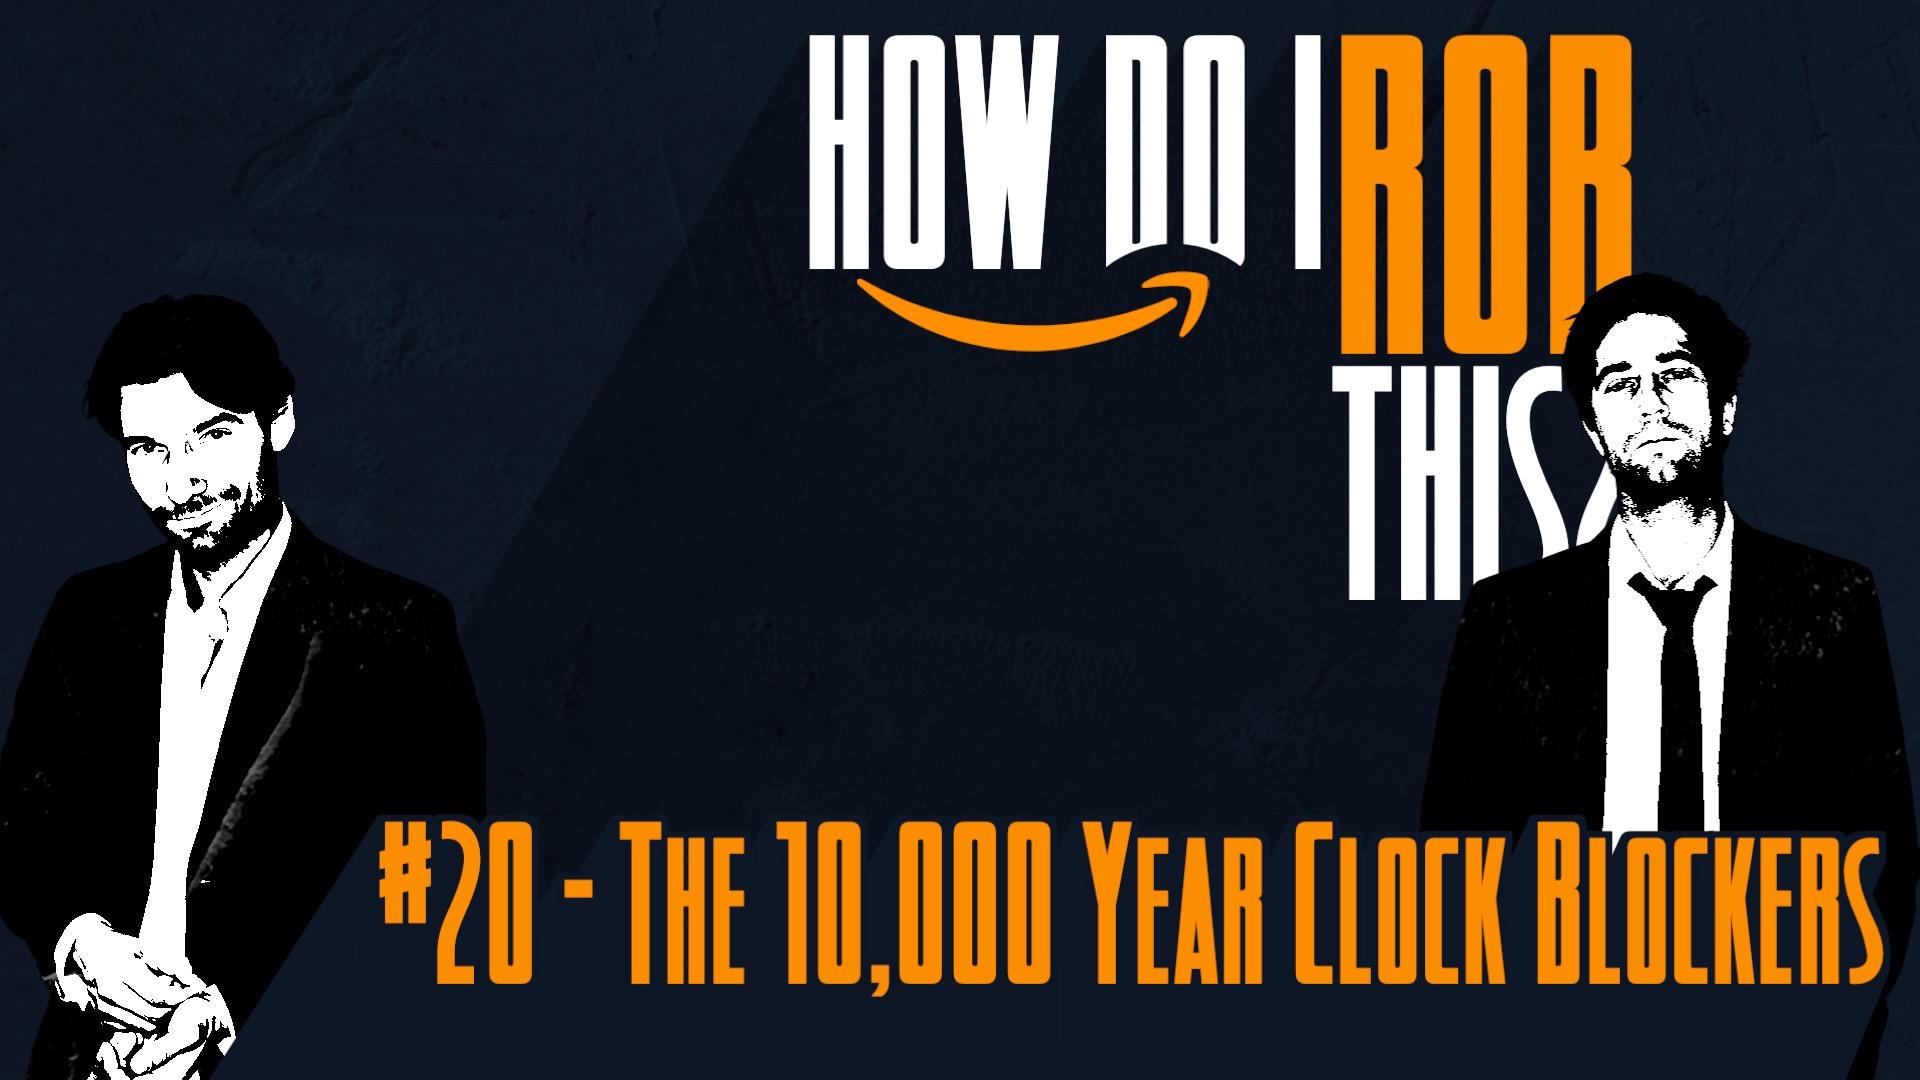 __How Do I Rob This_20_Amazon Clock Blockers